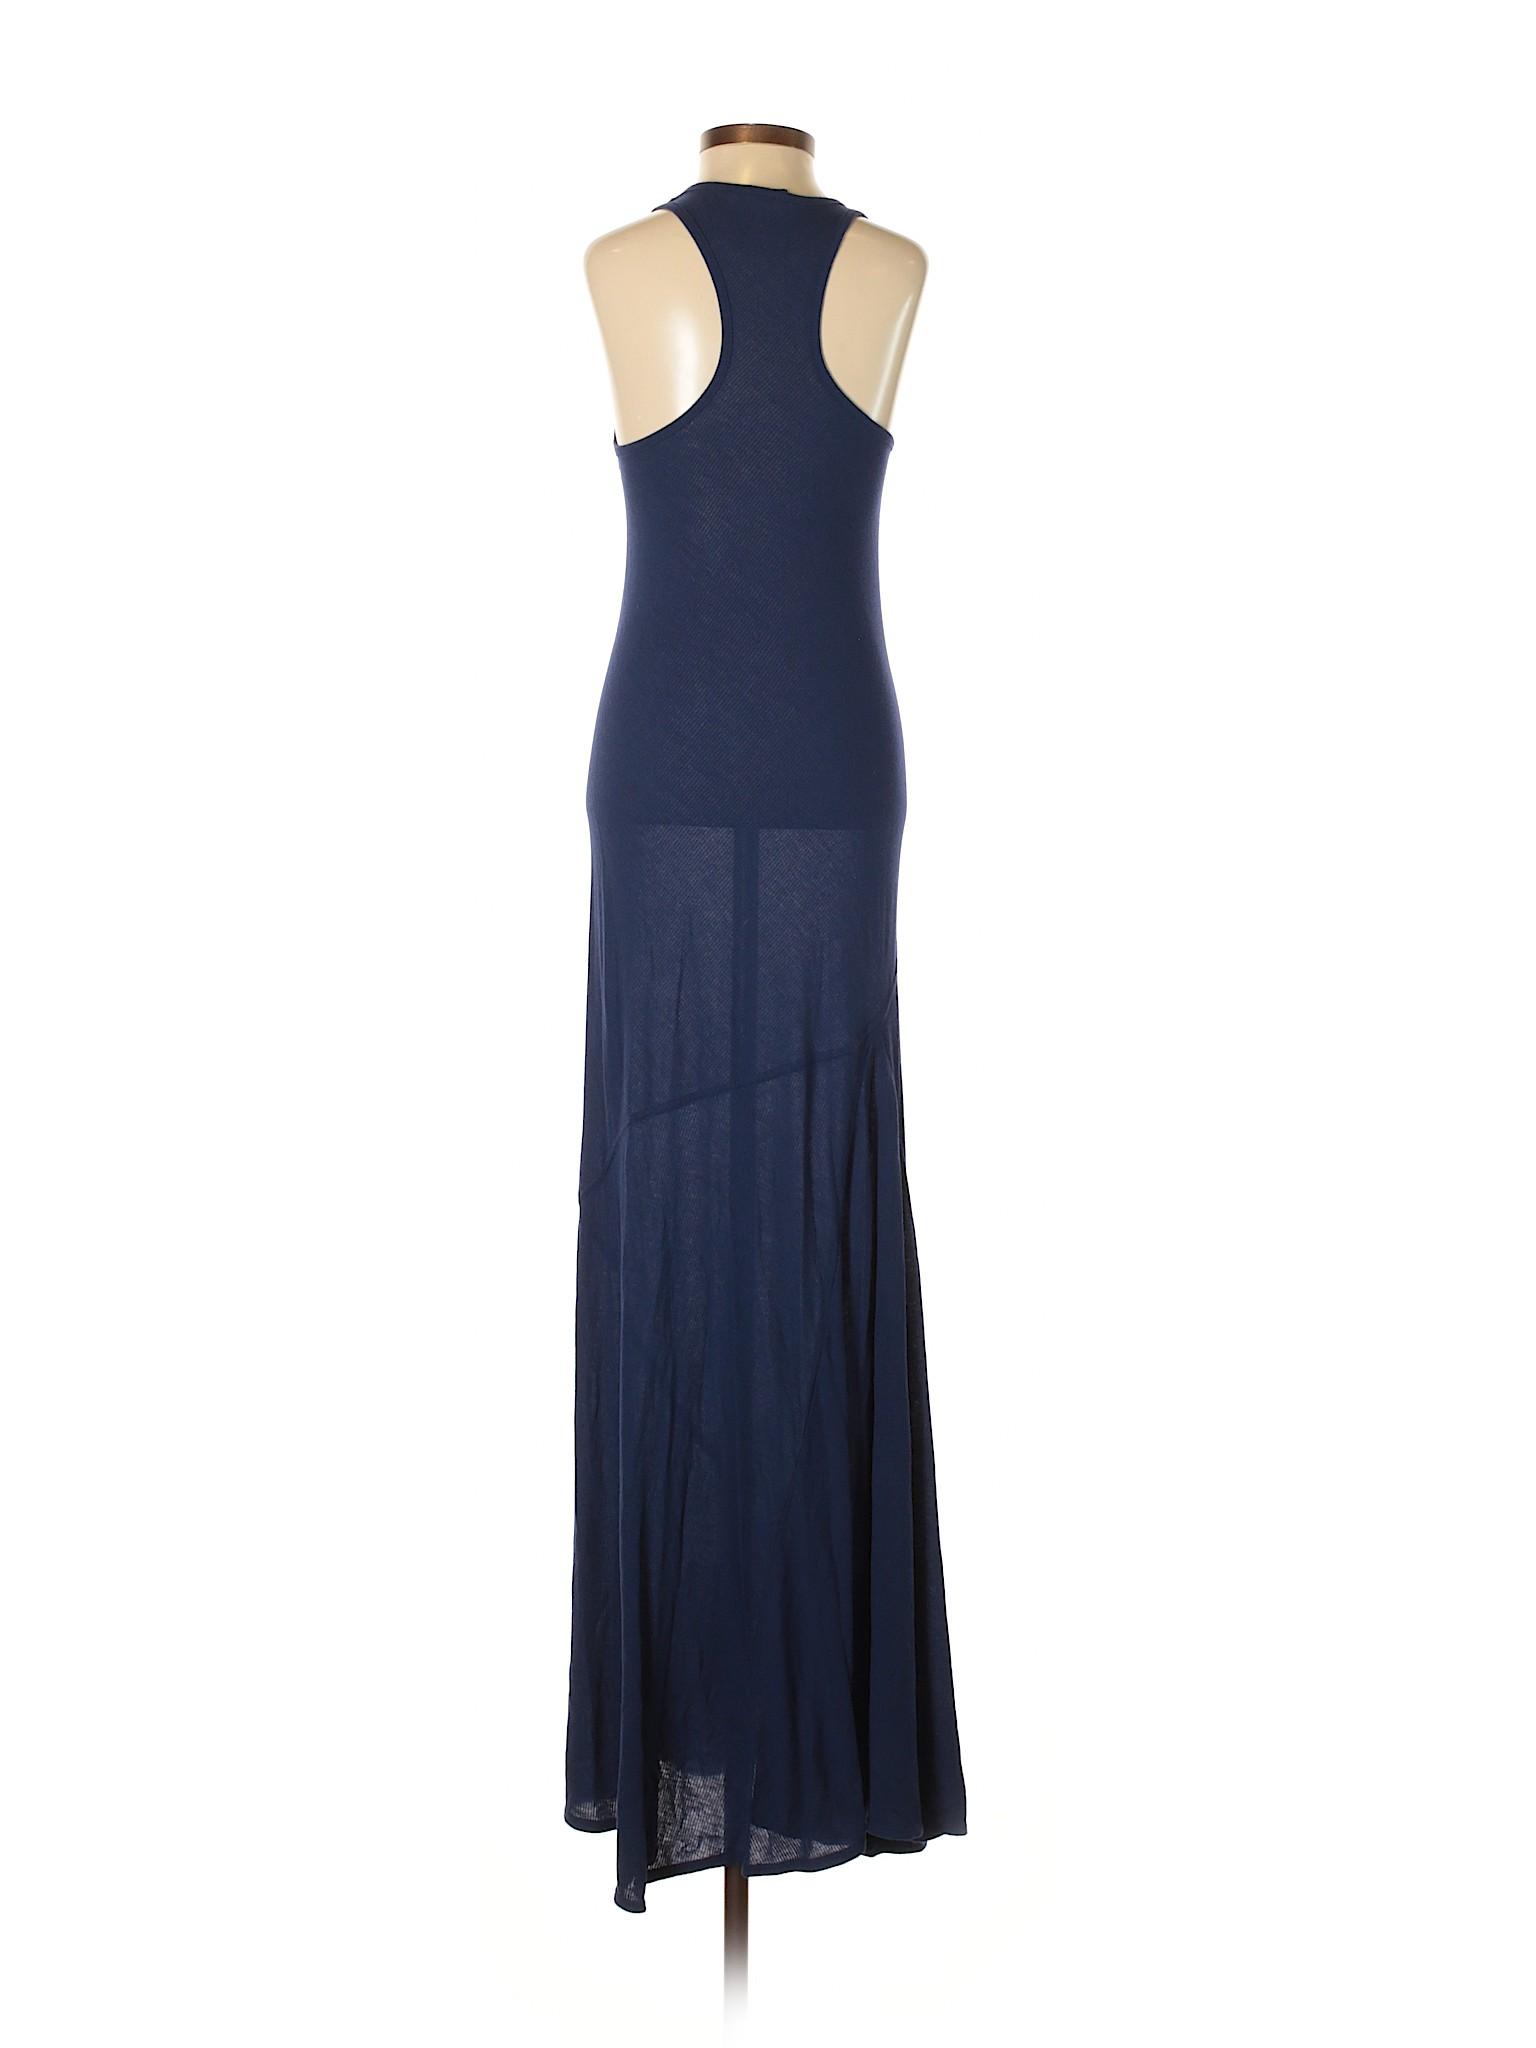 winter Dress Boutique Secret Victoria's Casual dxrXxTq